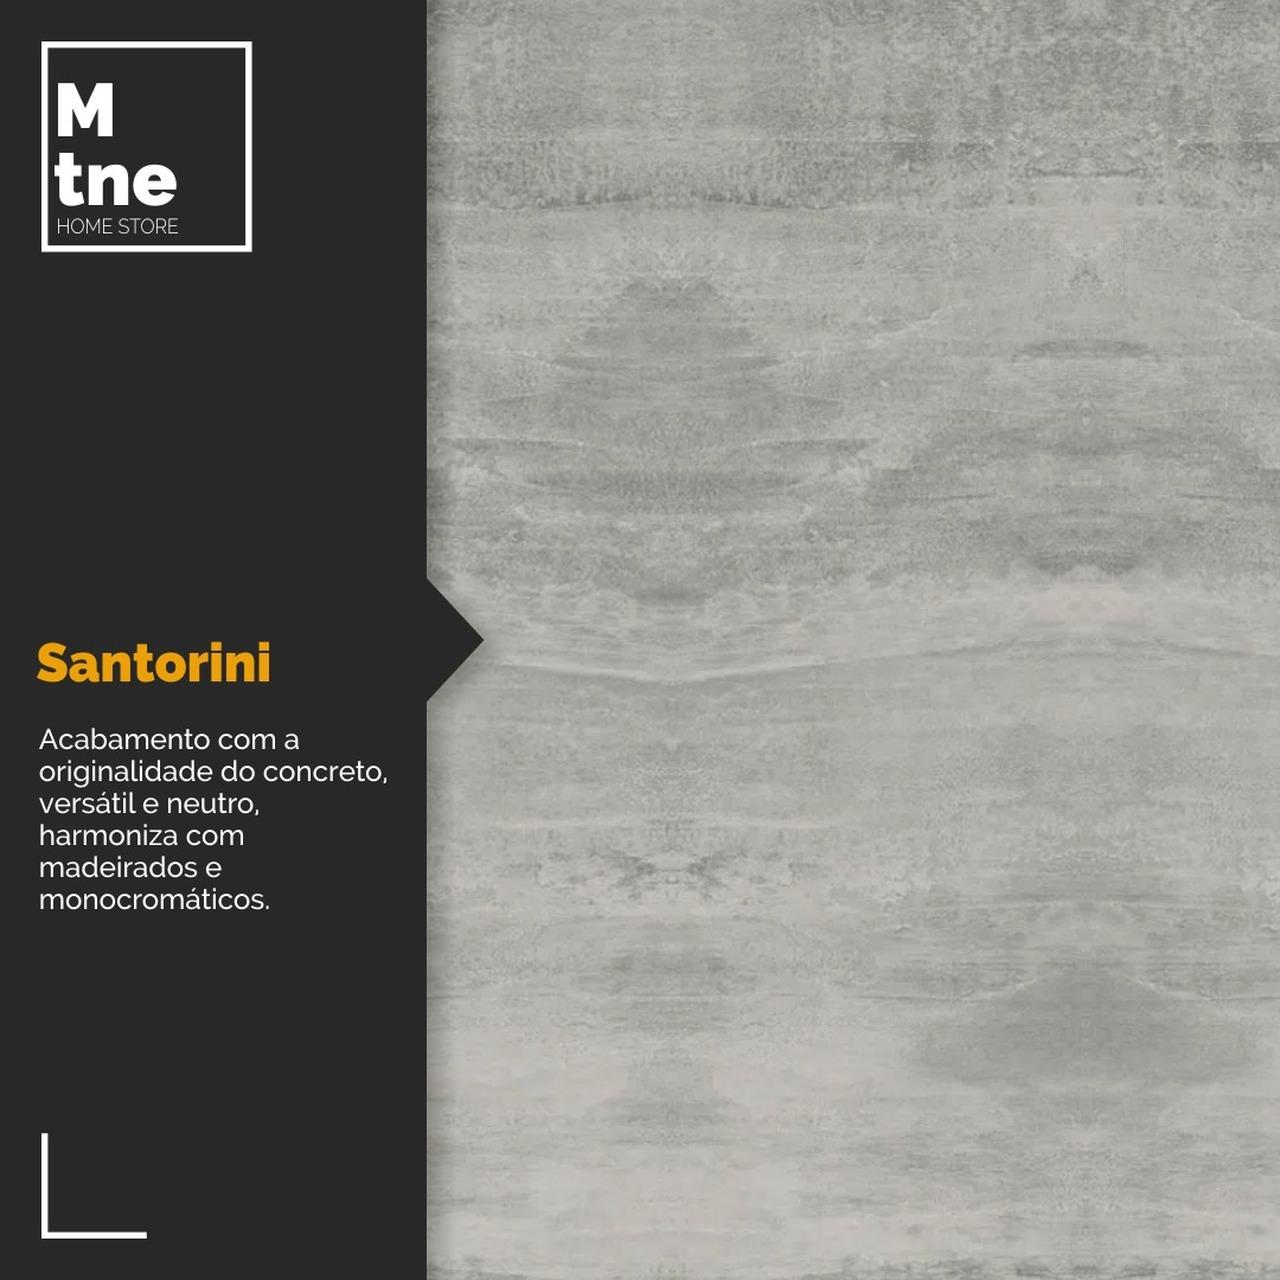 Aparador Santorini 40x120 com Hairpin Legs e Tampo 100 % MDF  - Mtne Store